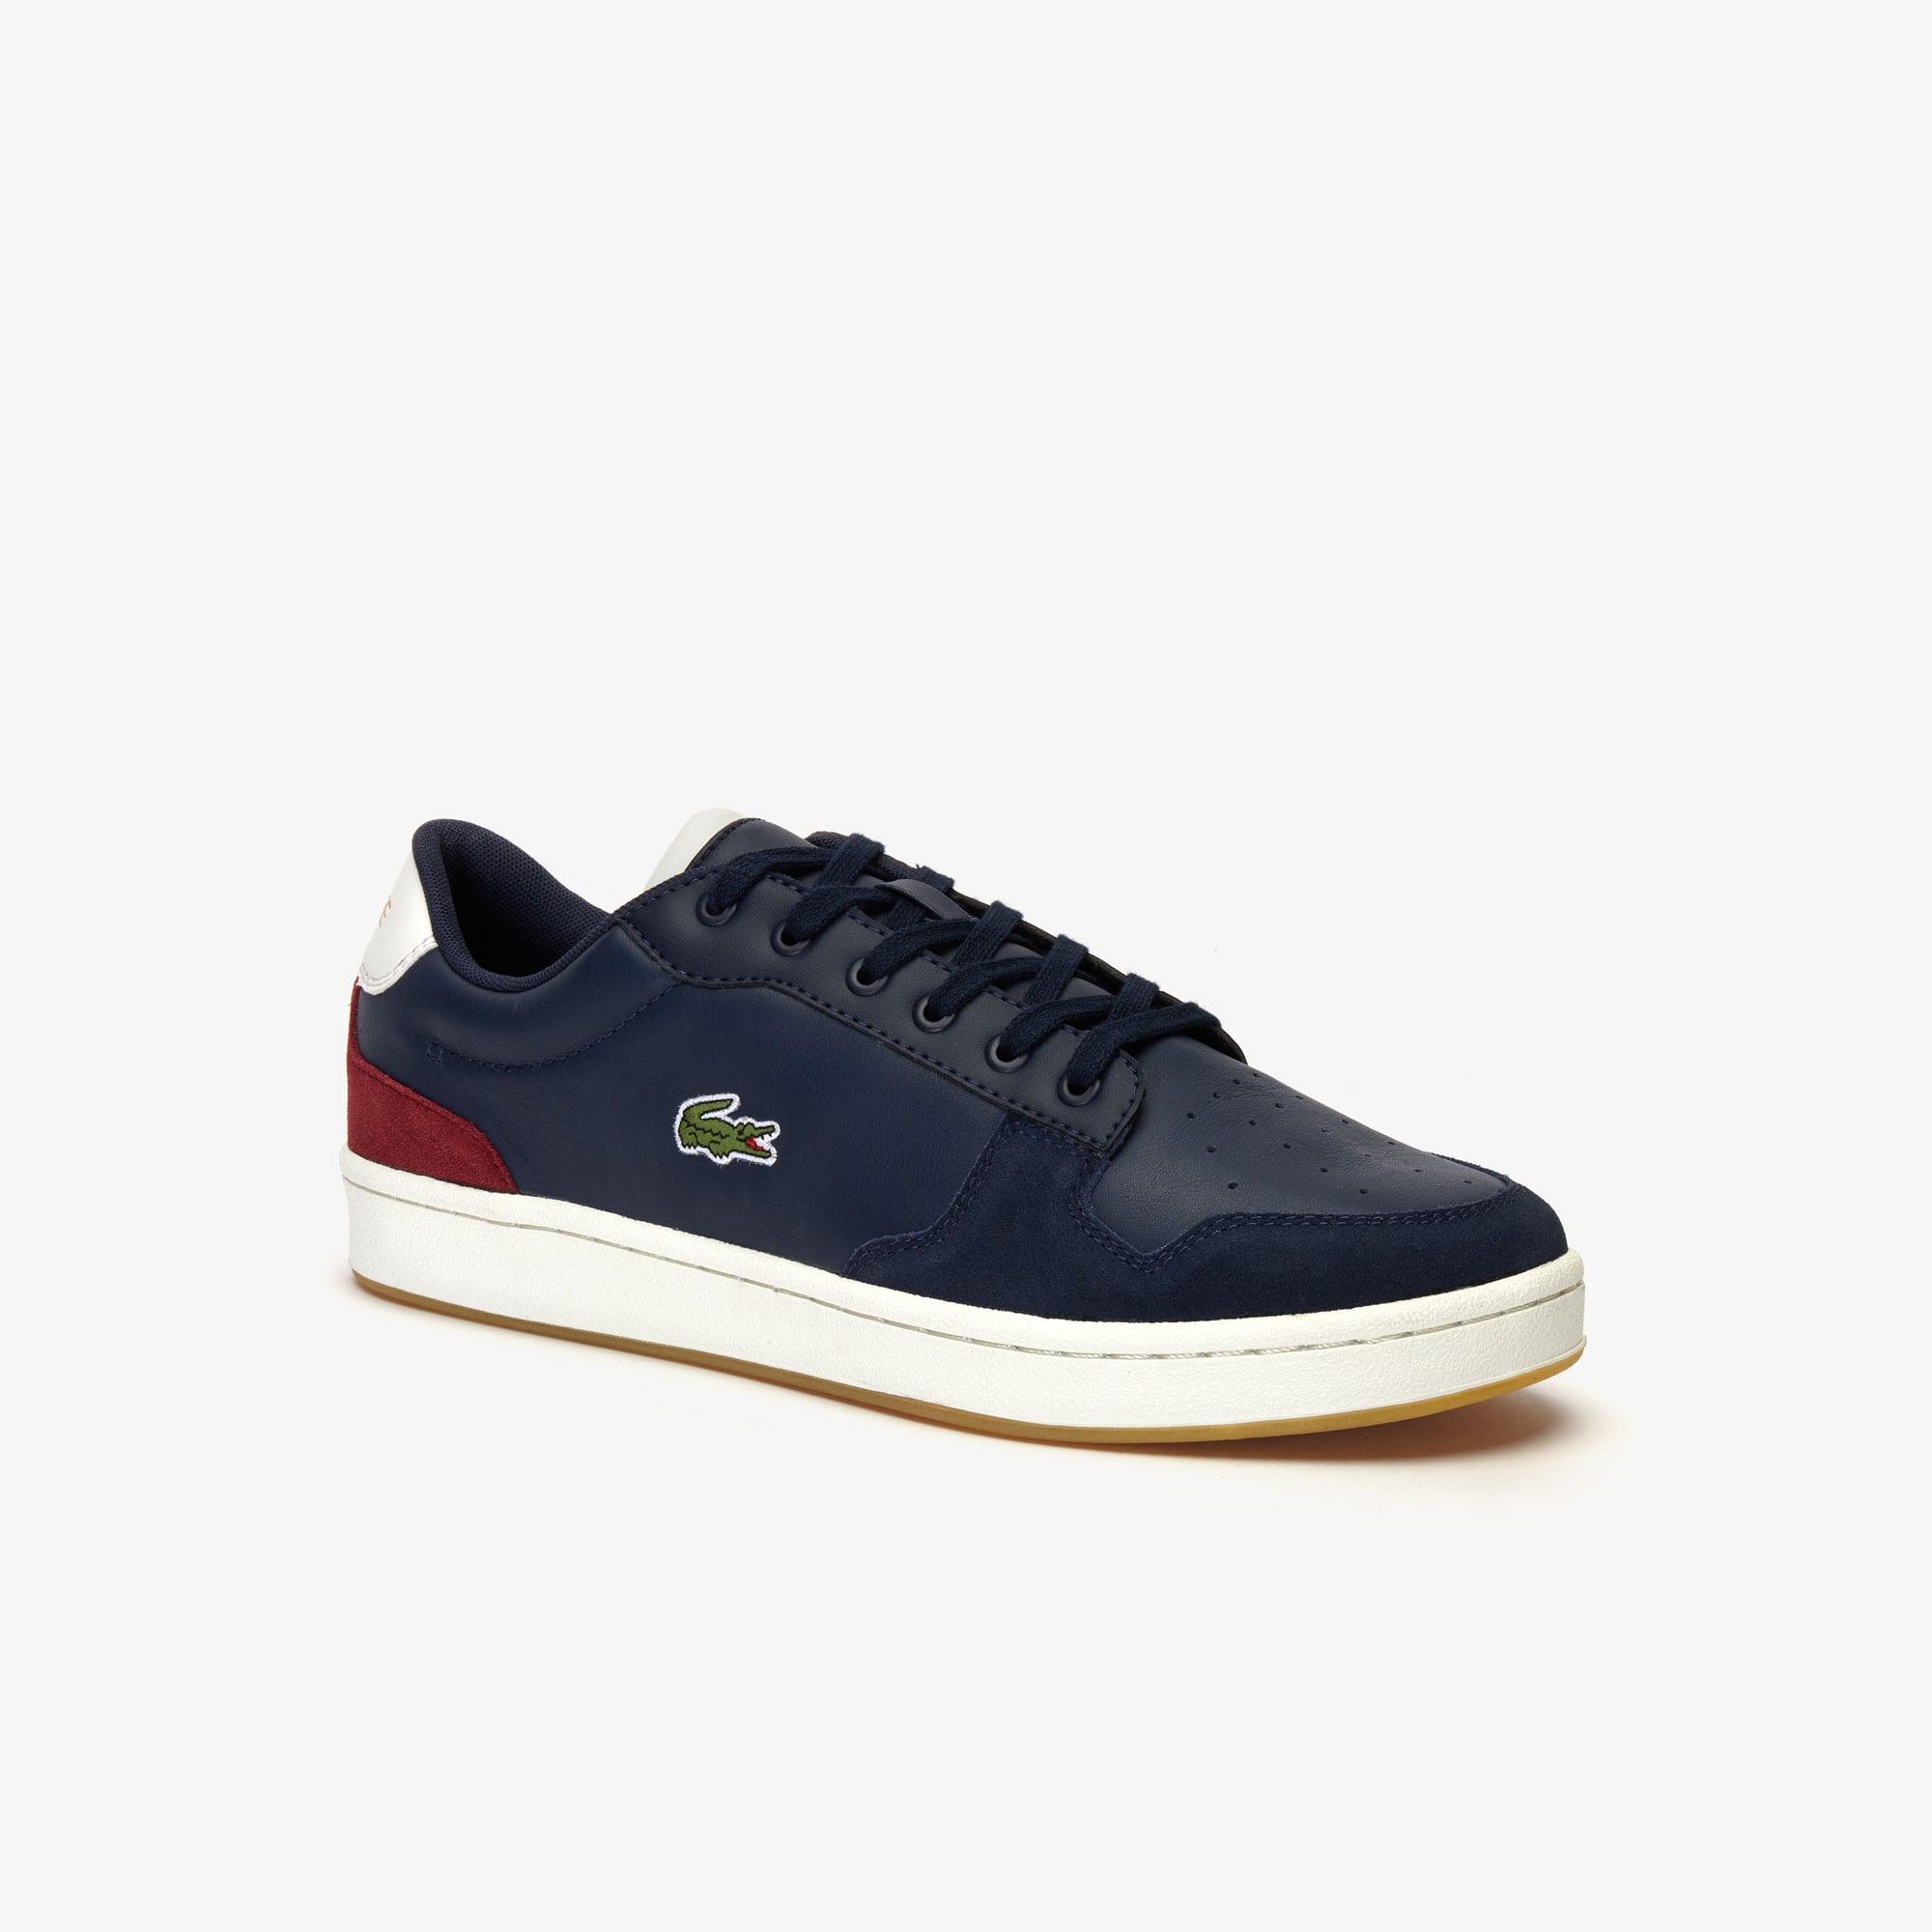 d6eb0fae0 Men's Shoes | Shoes for Men | LACOSTE